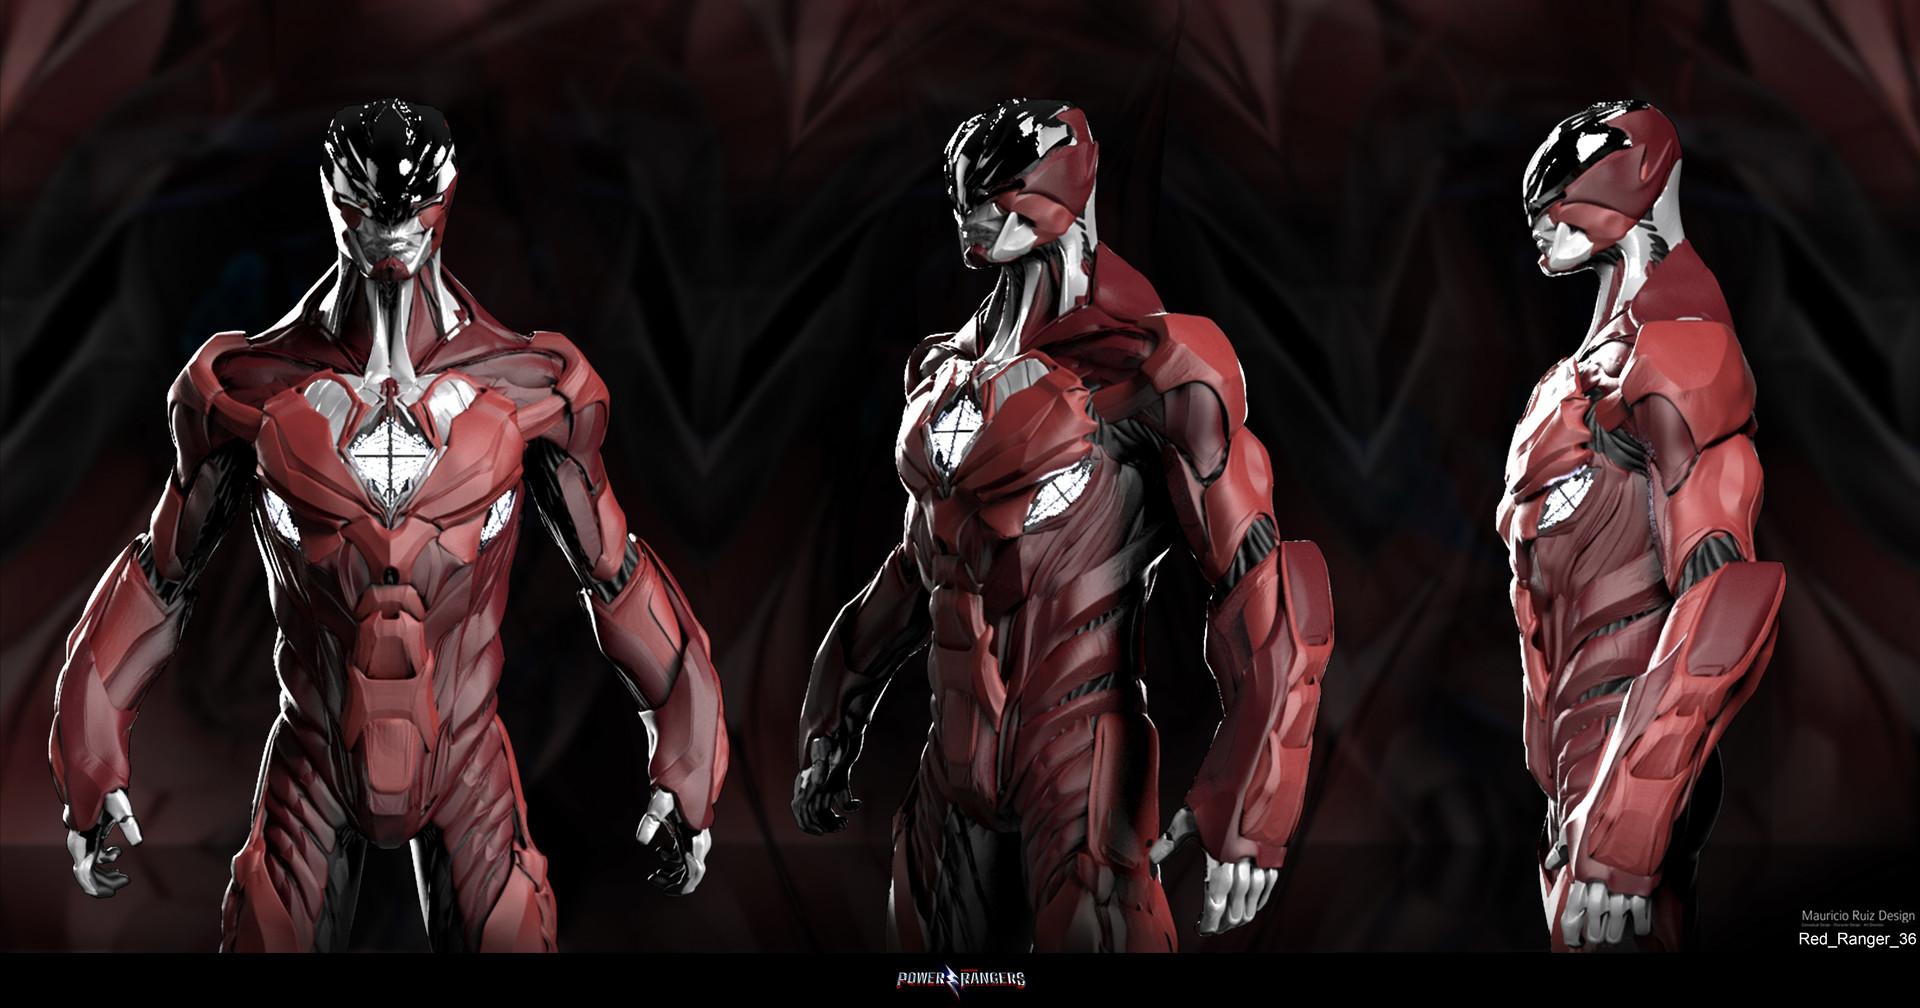 Power Rangers Concept Art Showcases Alternate Red Ranger